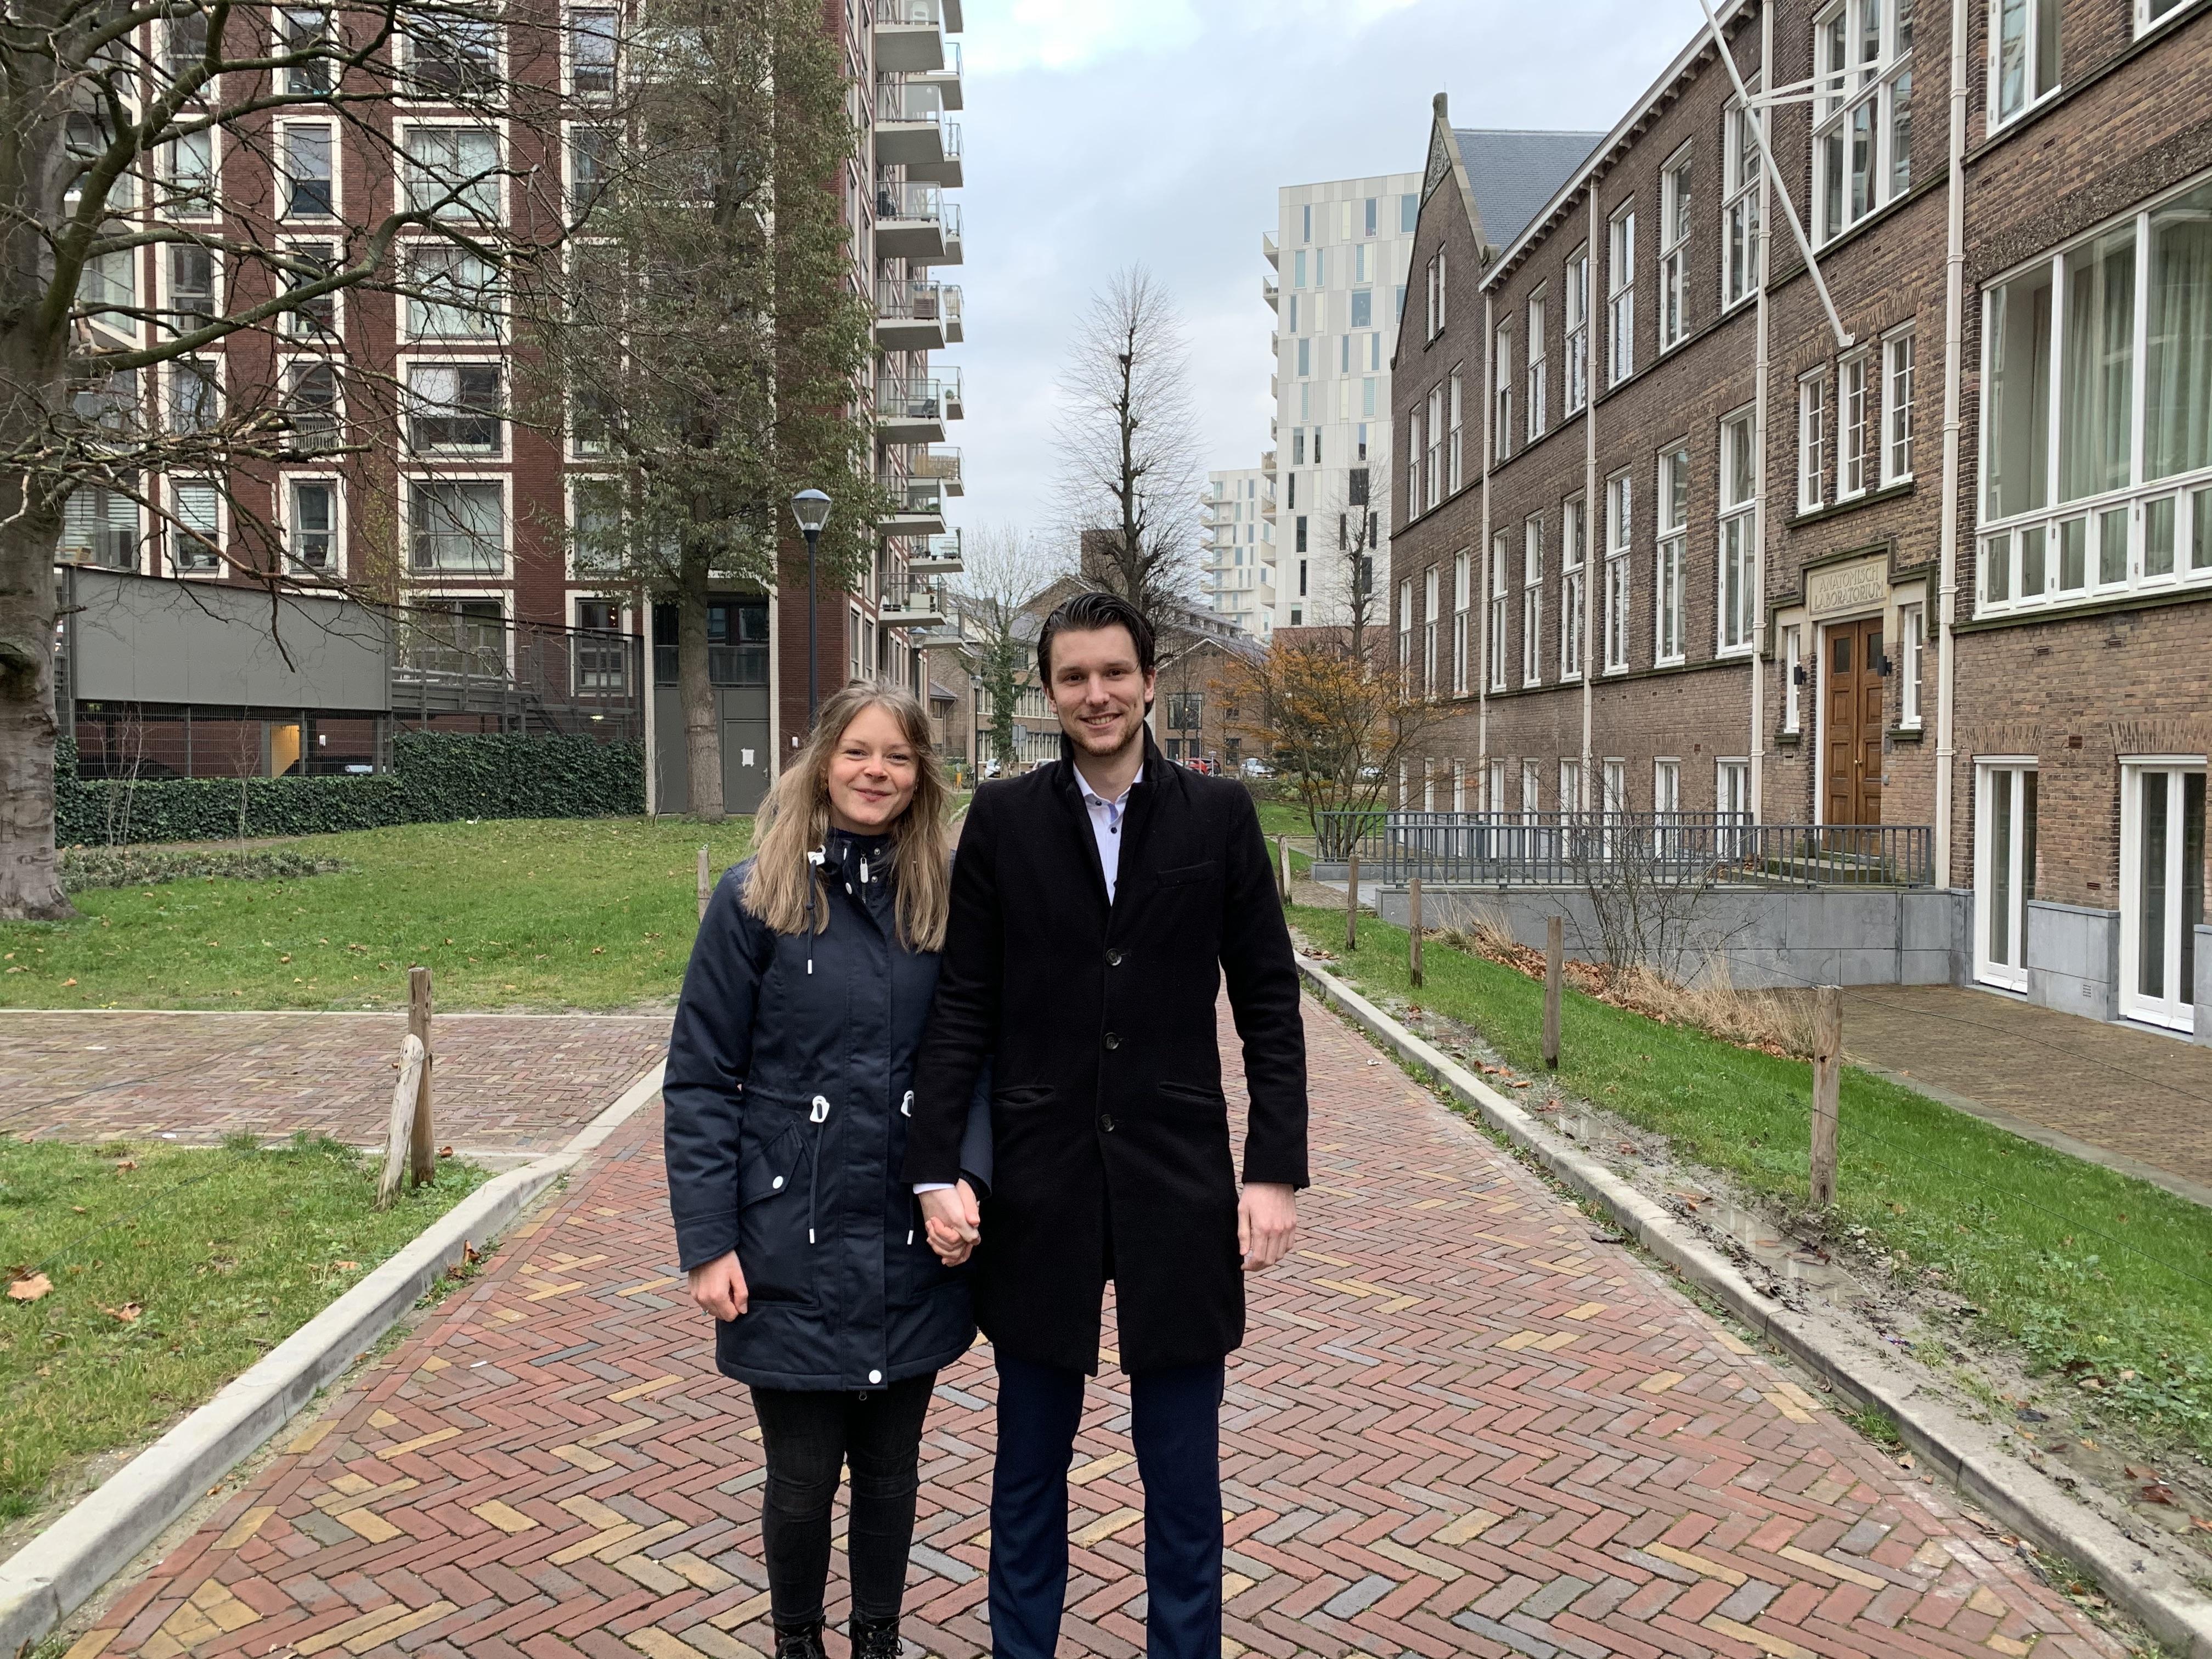 Mandy (24) en Robin (25) zijn in coronatijd naar de Pesthuiswijk verhuisd. 'We hebben nog niet veel contact met de buurt, daar hoopten we wel op'